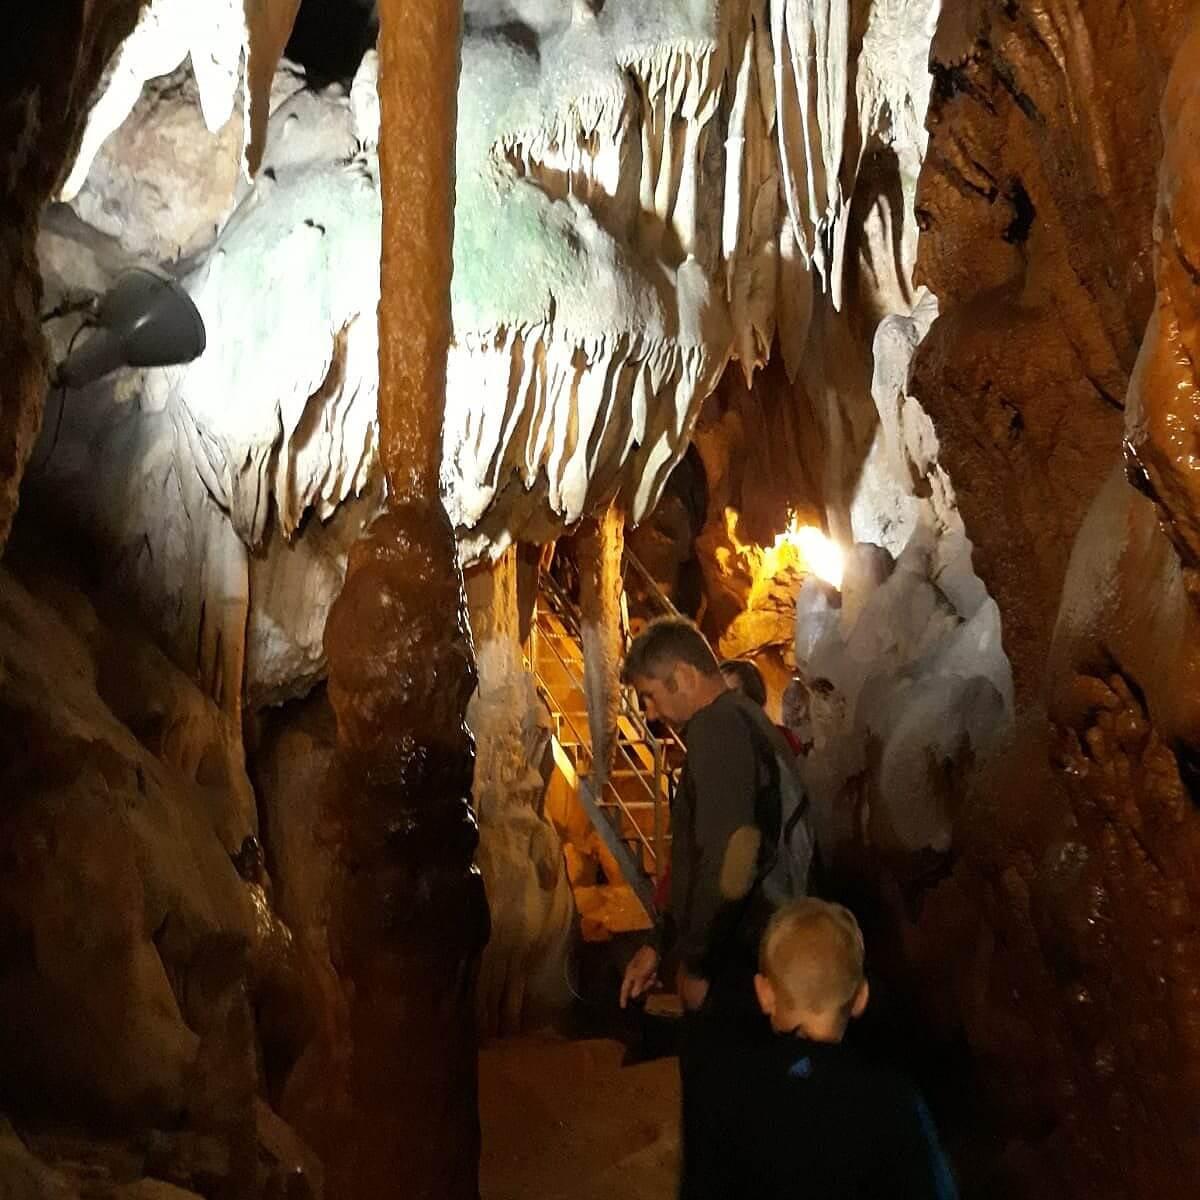 Vakantie in Slovenië met kids, Outdoor Paradijs! Hell Cave Jama Pekel grotten